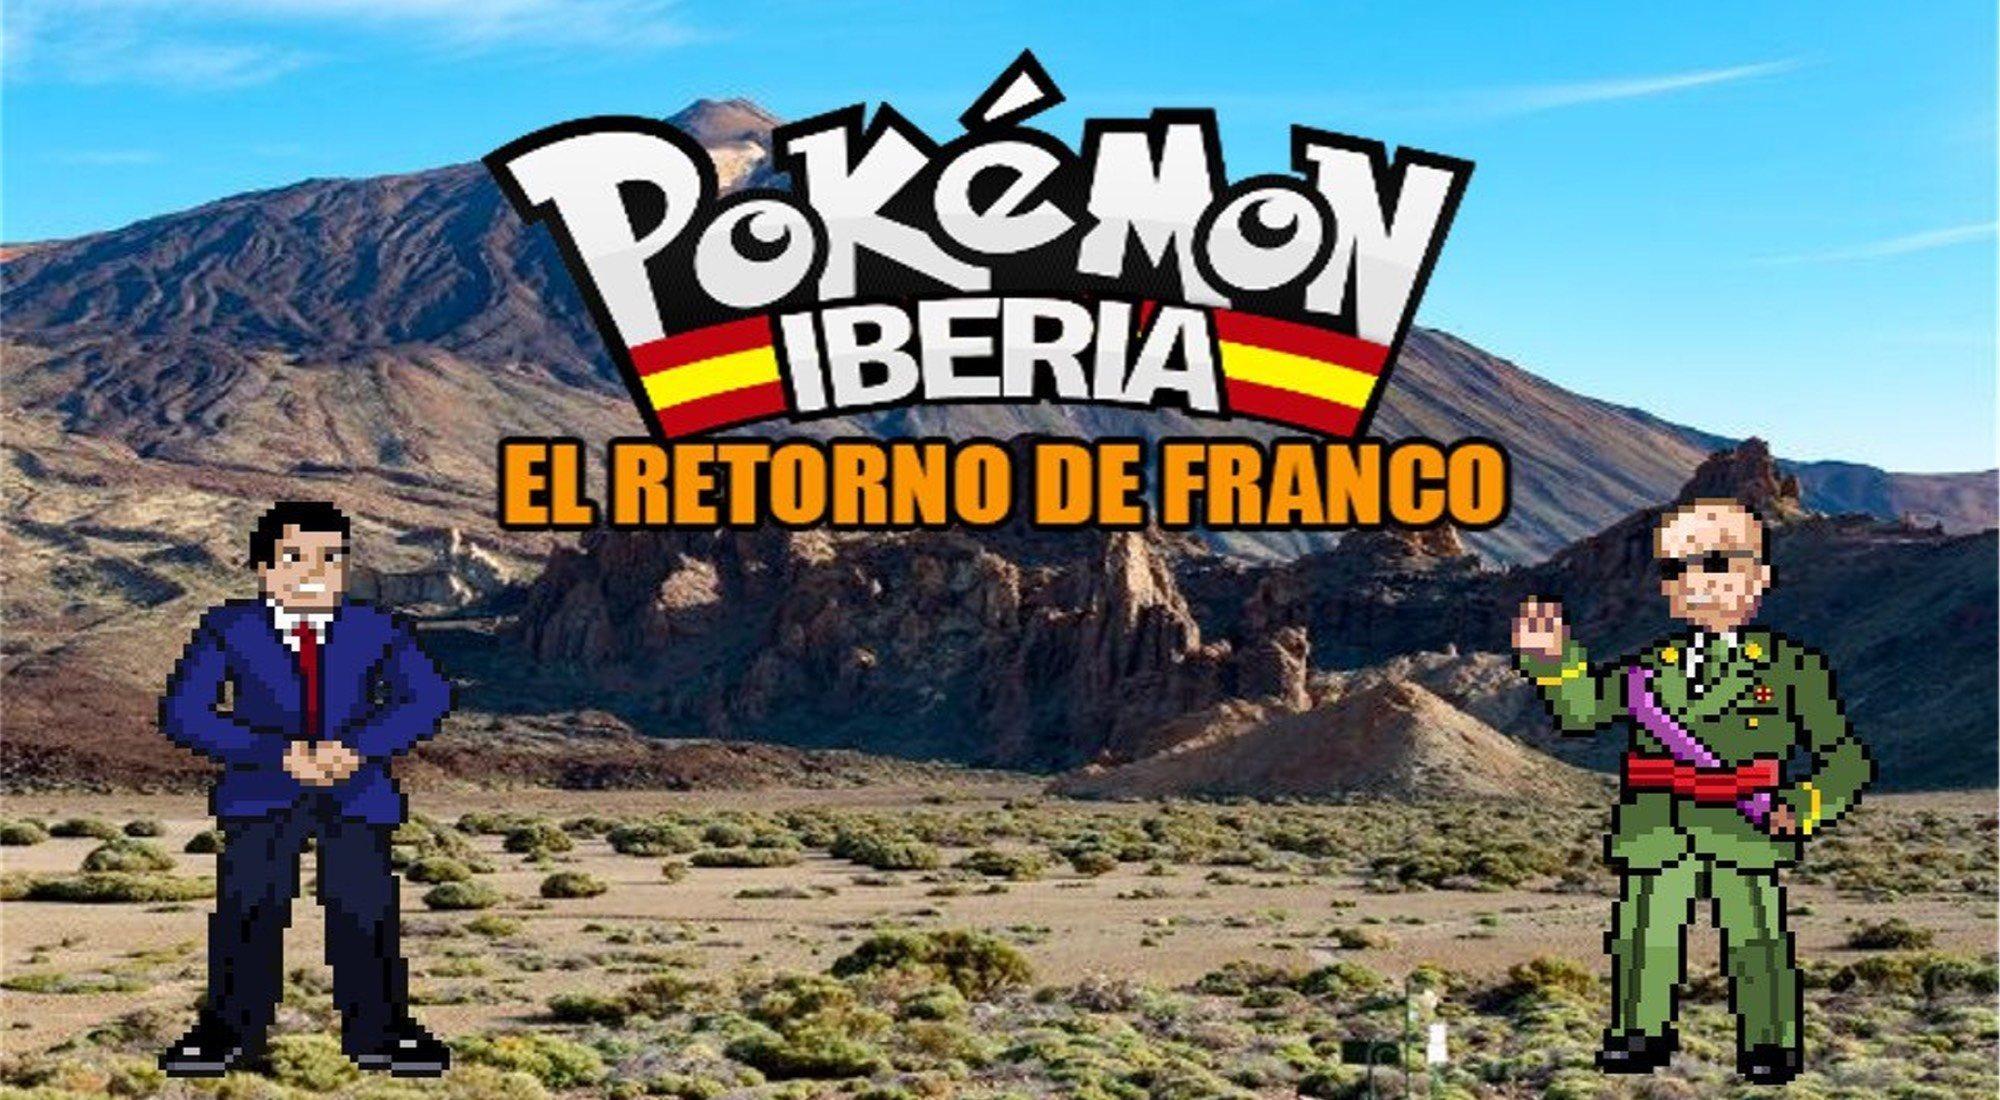 'El retorno de Franco', el DLC de Pokémon Iberia: todos los detalles